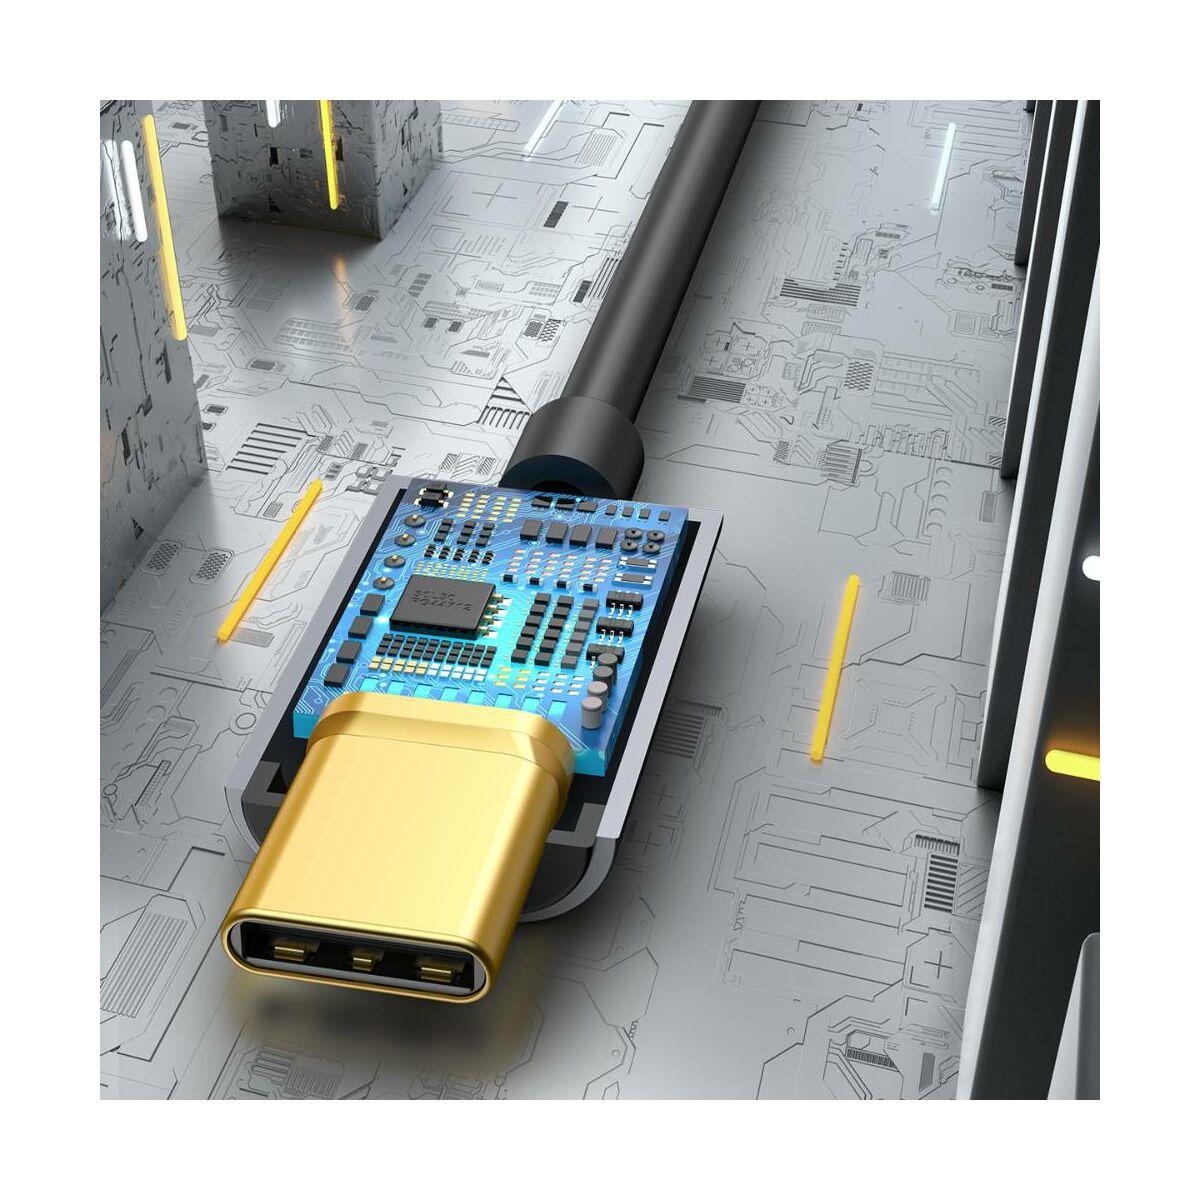 Baseus átalakító, L54 Type-C [apa] - 3.5mm [anya] adapter, szürke (CATL54-0G)